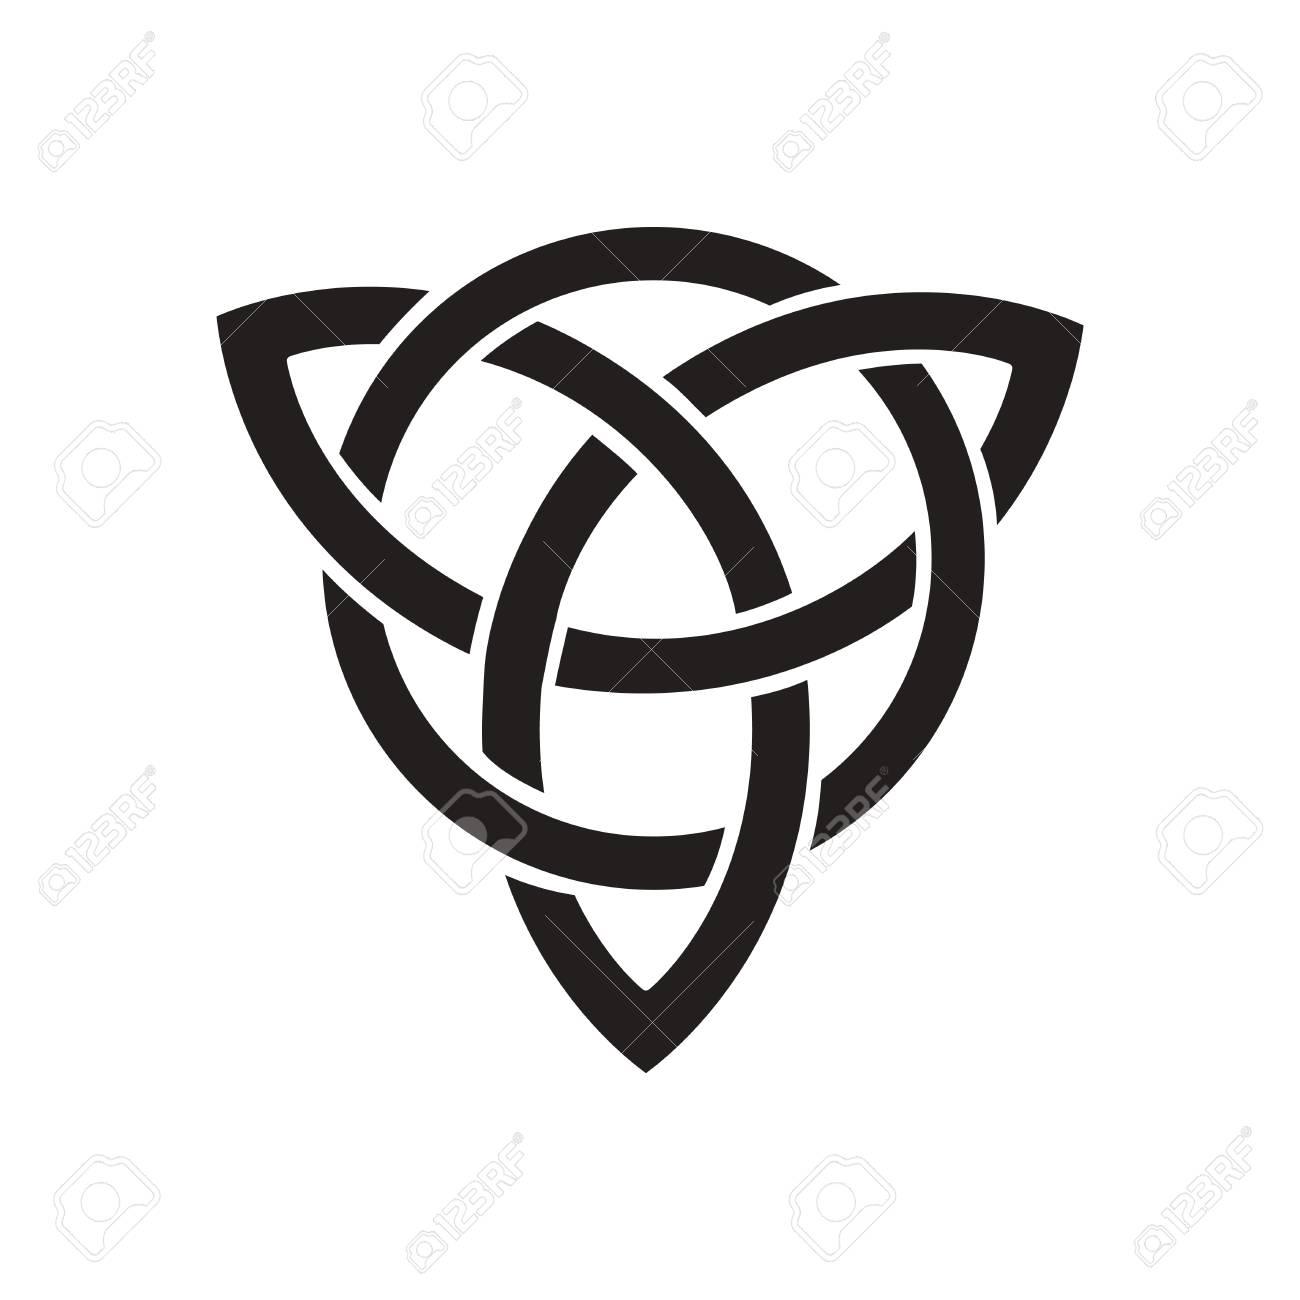 Icono Plano En Blanco Y Negro Símbolo Celta Ilustraciones